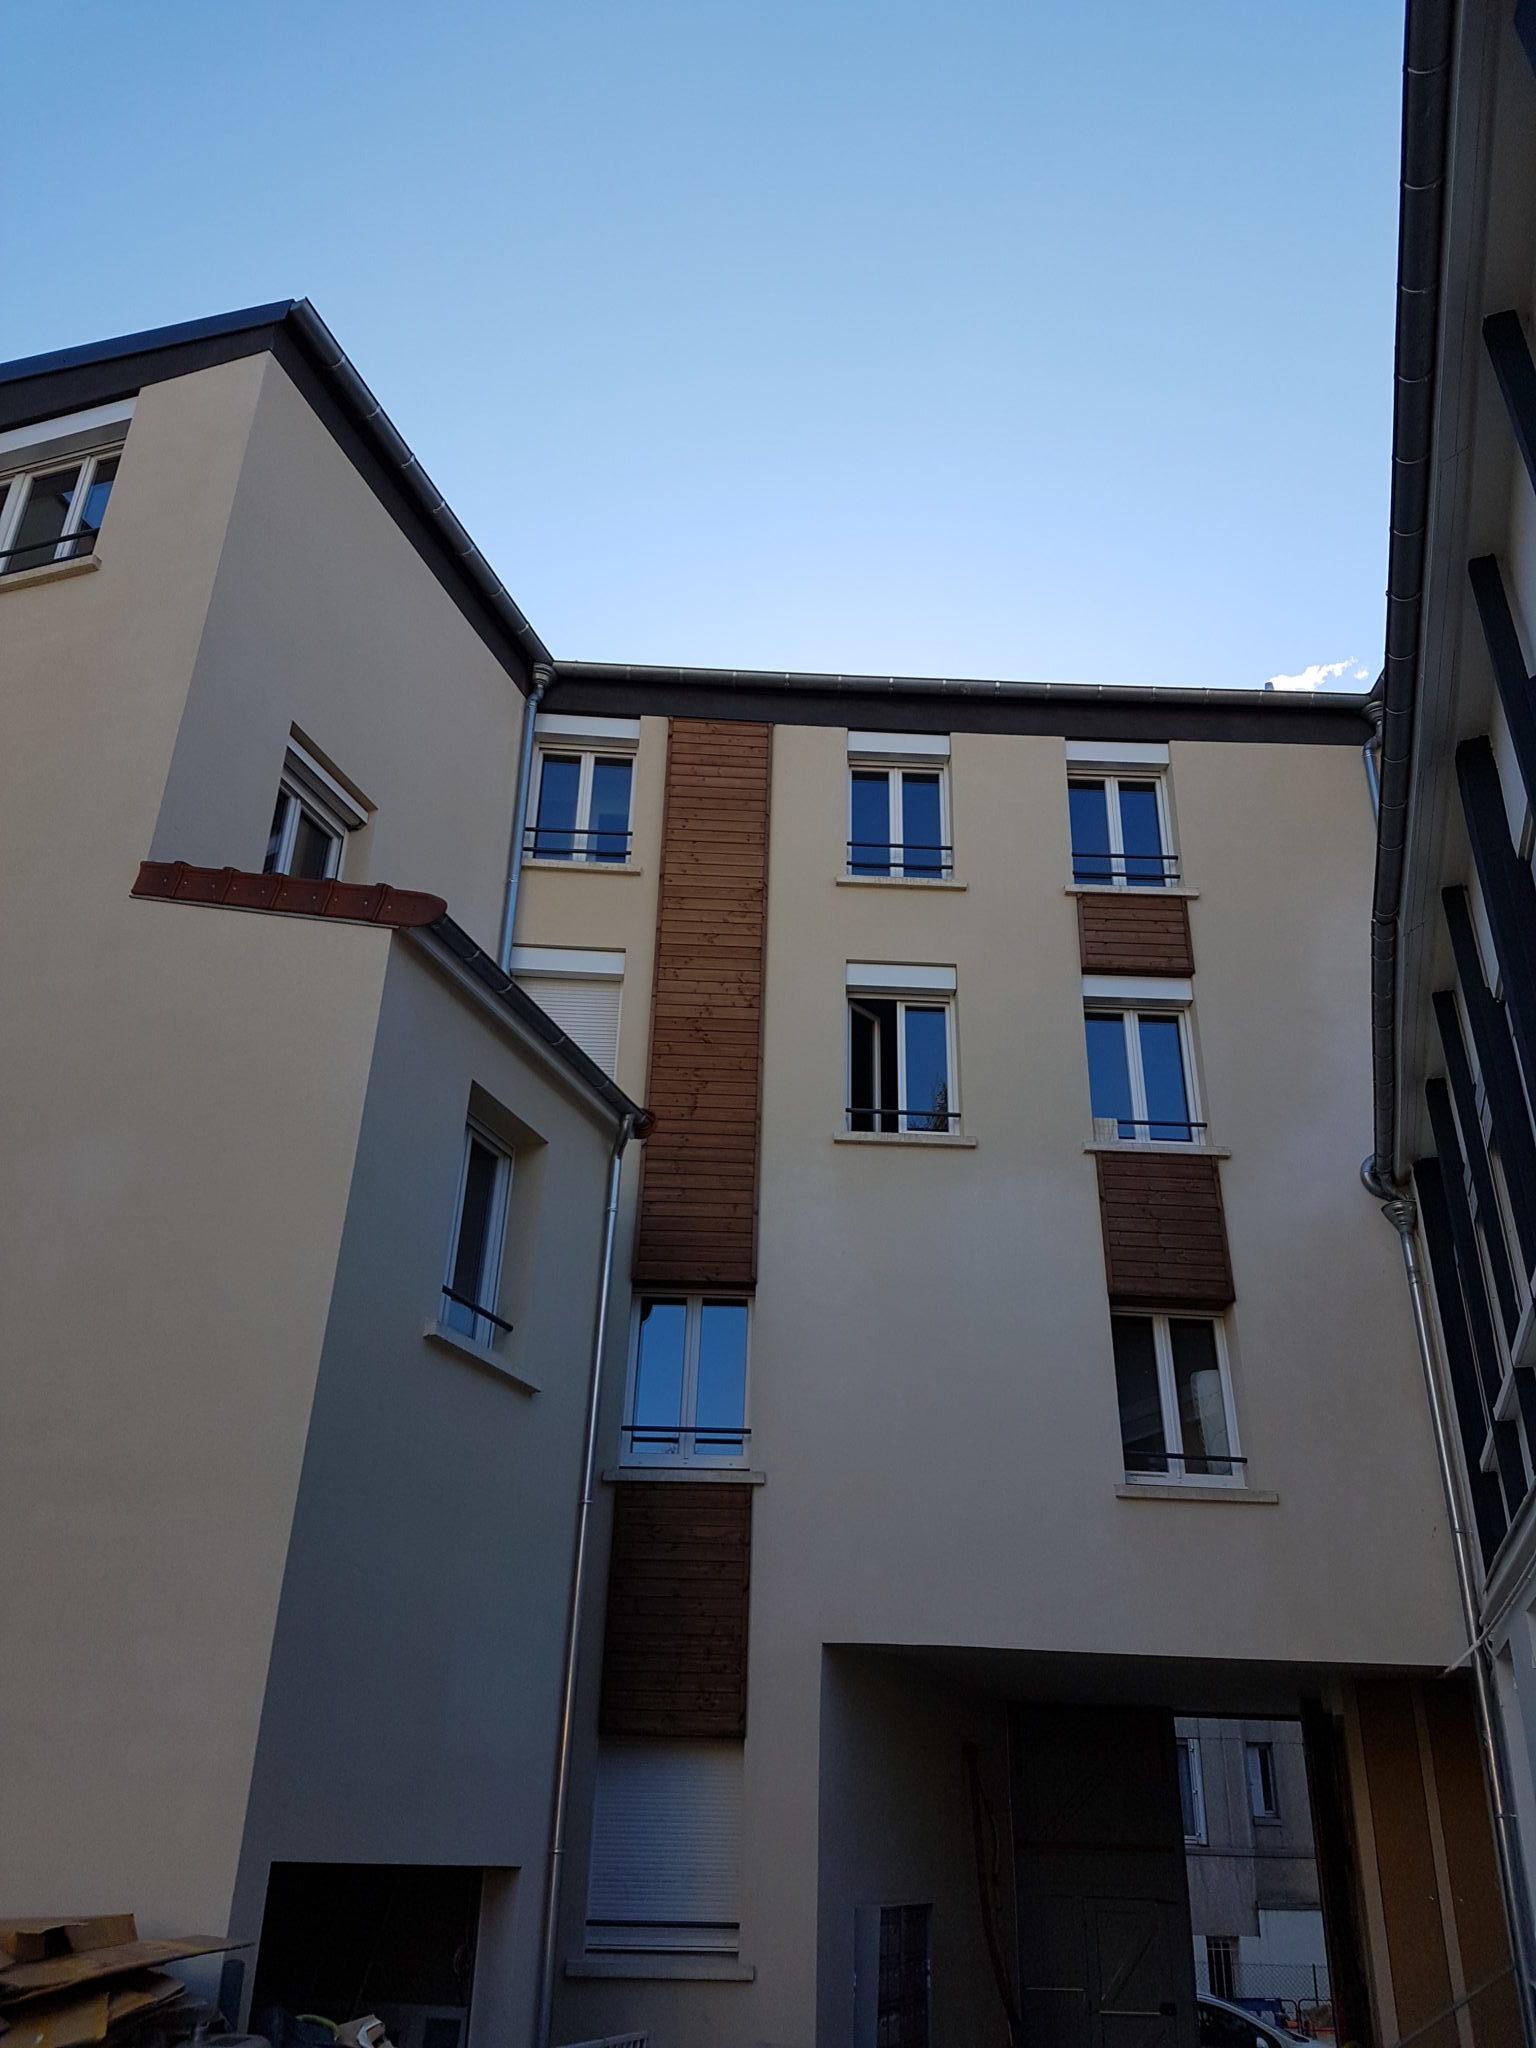 Photo de la partie intérieure d'un immeuble d'habitation